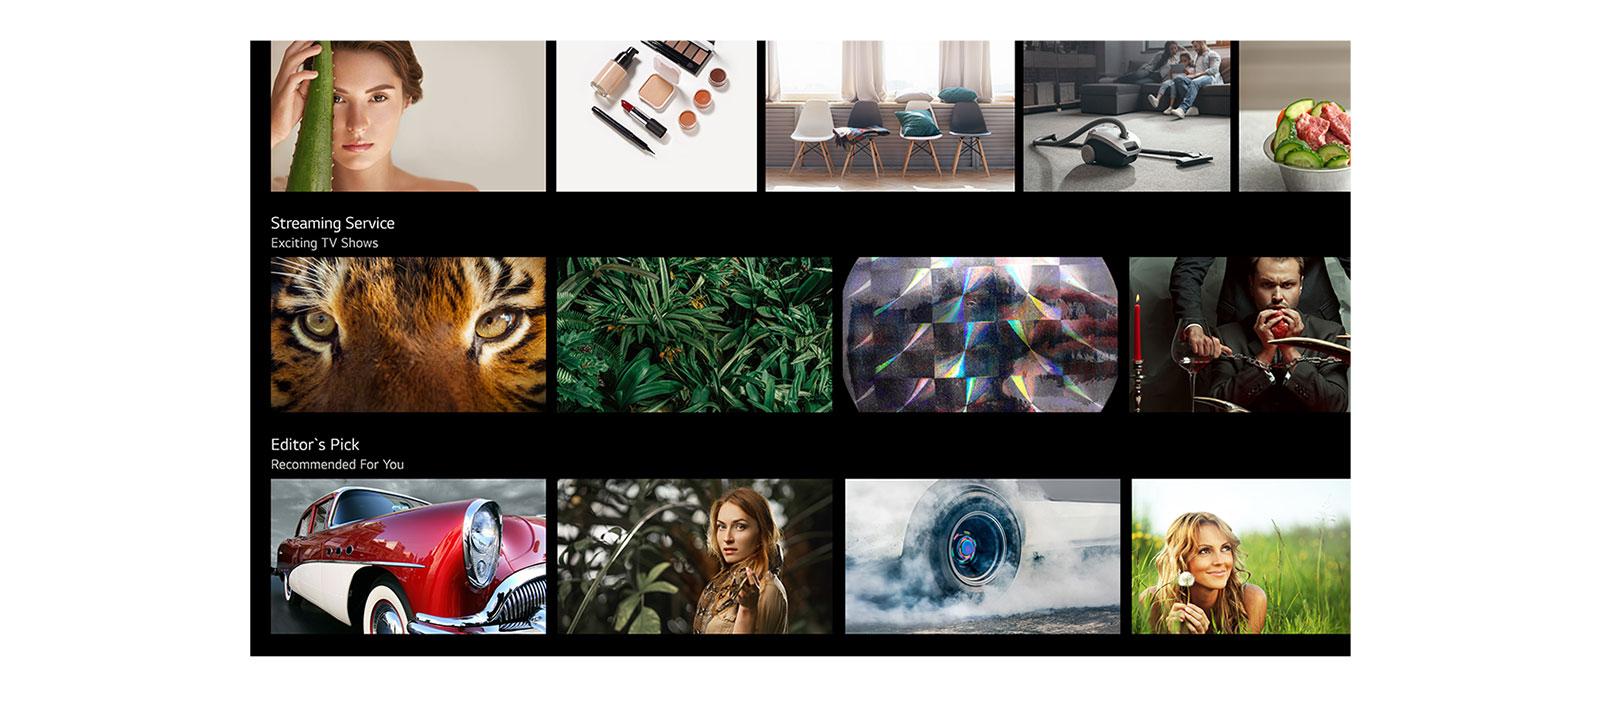 Lo schermo di un televisore che mostra vari contenuti elencati e consigliati dall'AI di LG ThinQ